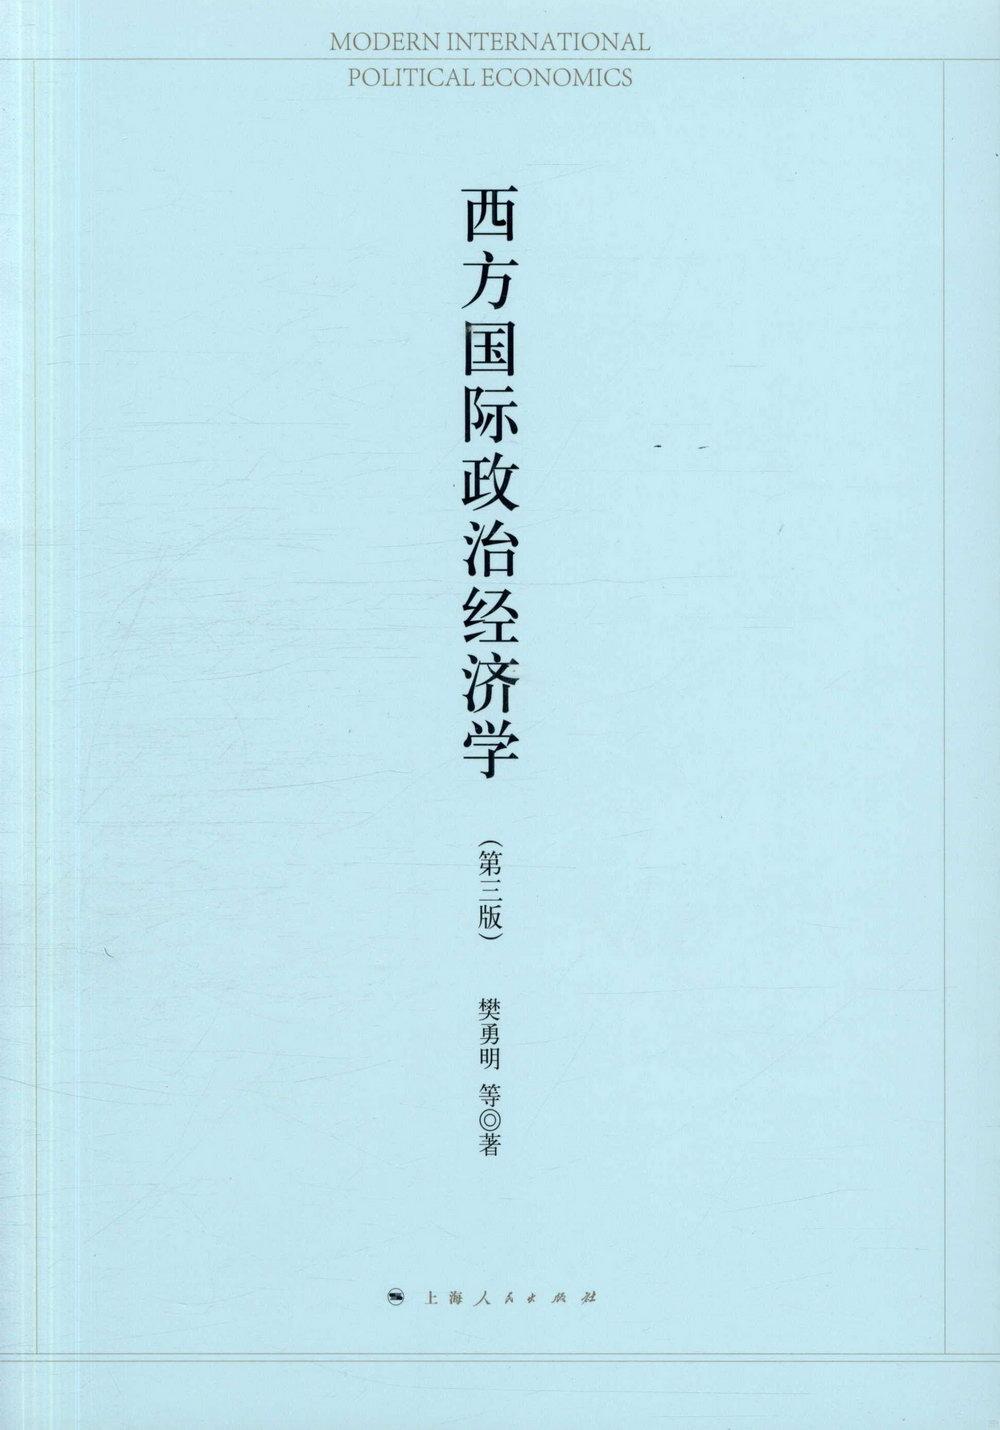 西方國際政治經濟學(第三版)